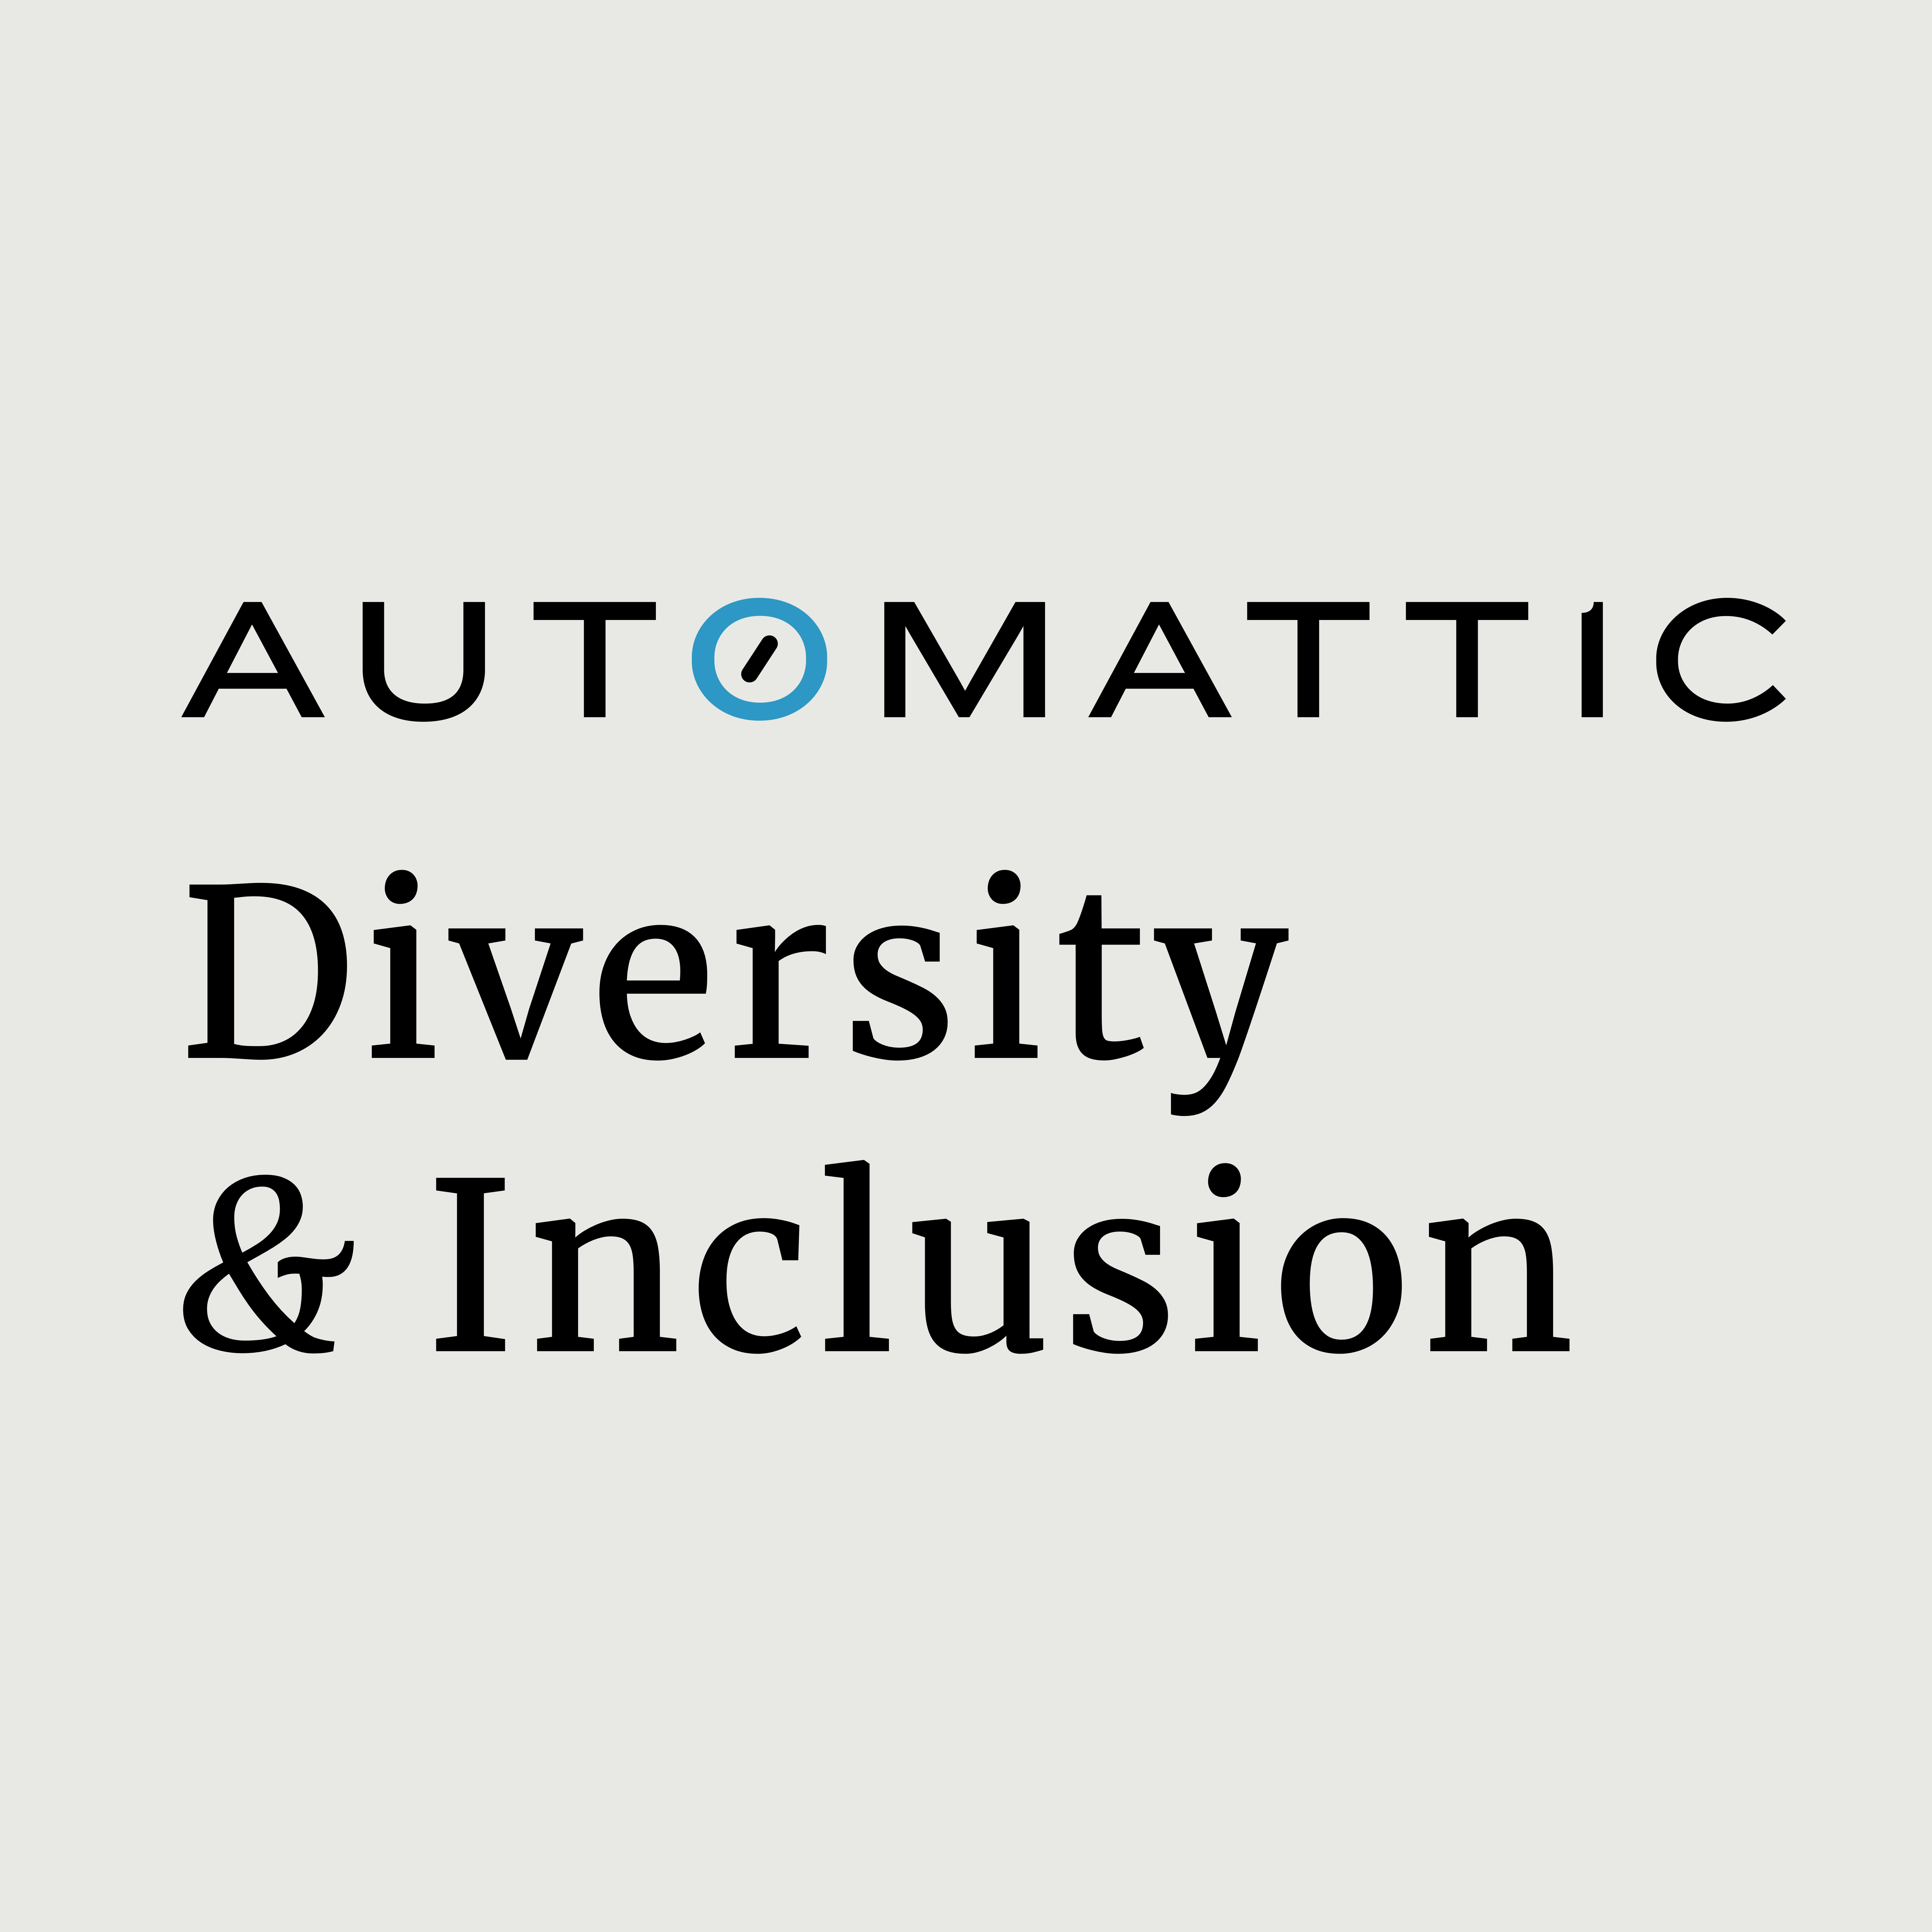 Automattic PNG-PlusPNG.com-7155 - Automattic PNG